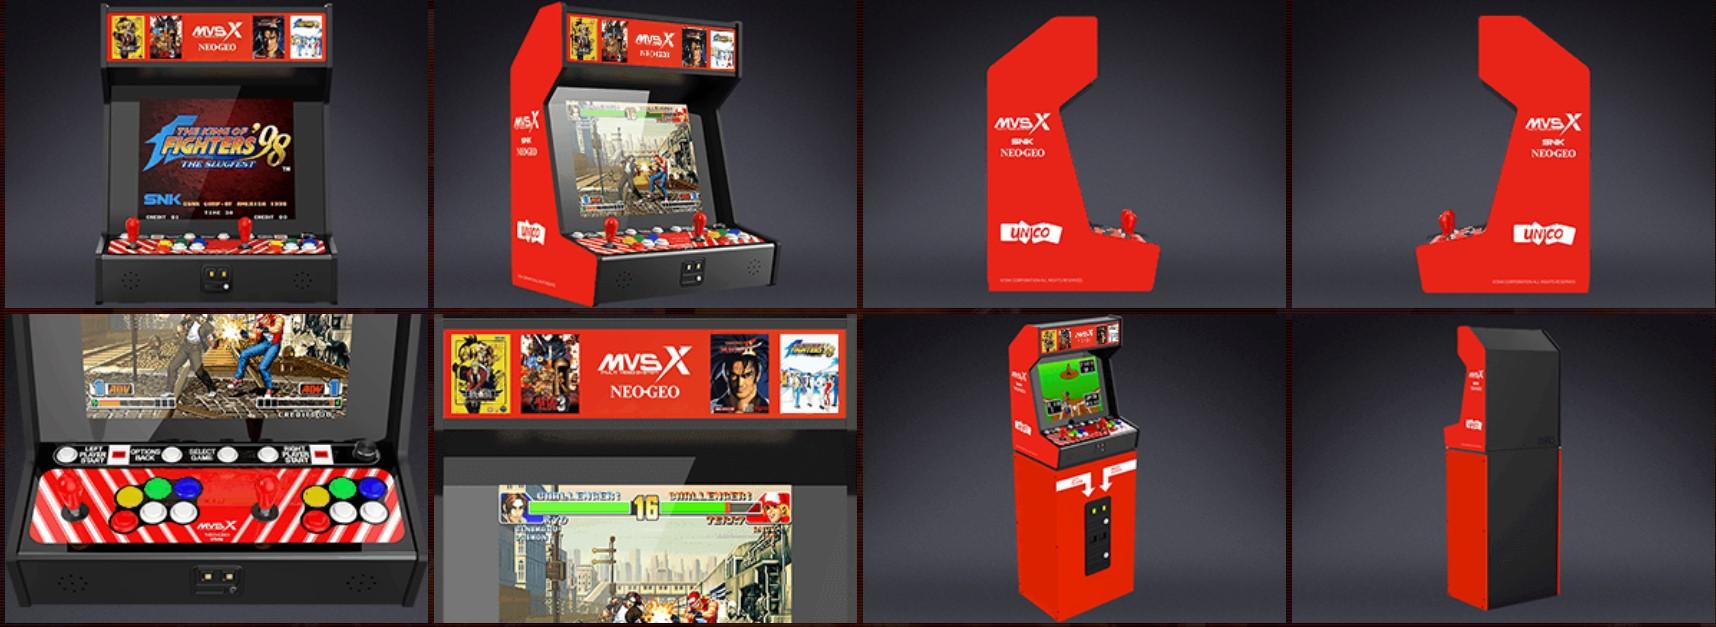 SNK NEOGEO MVSX - collage